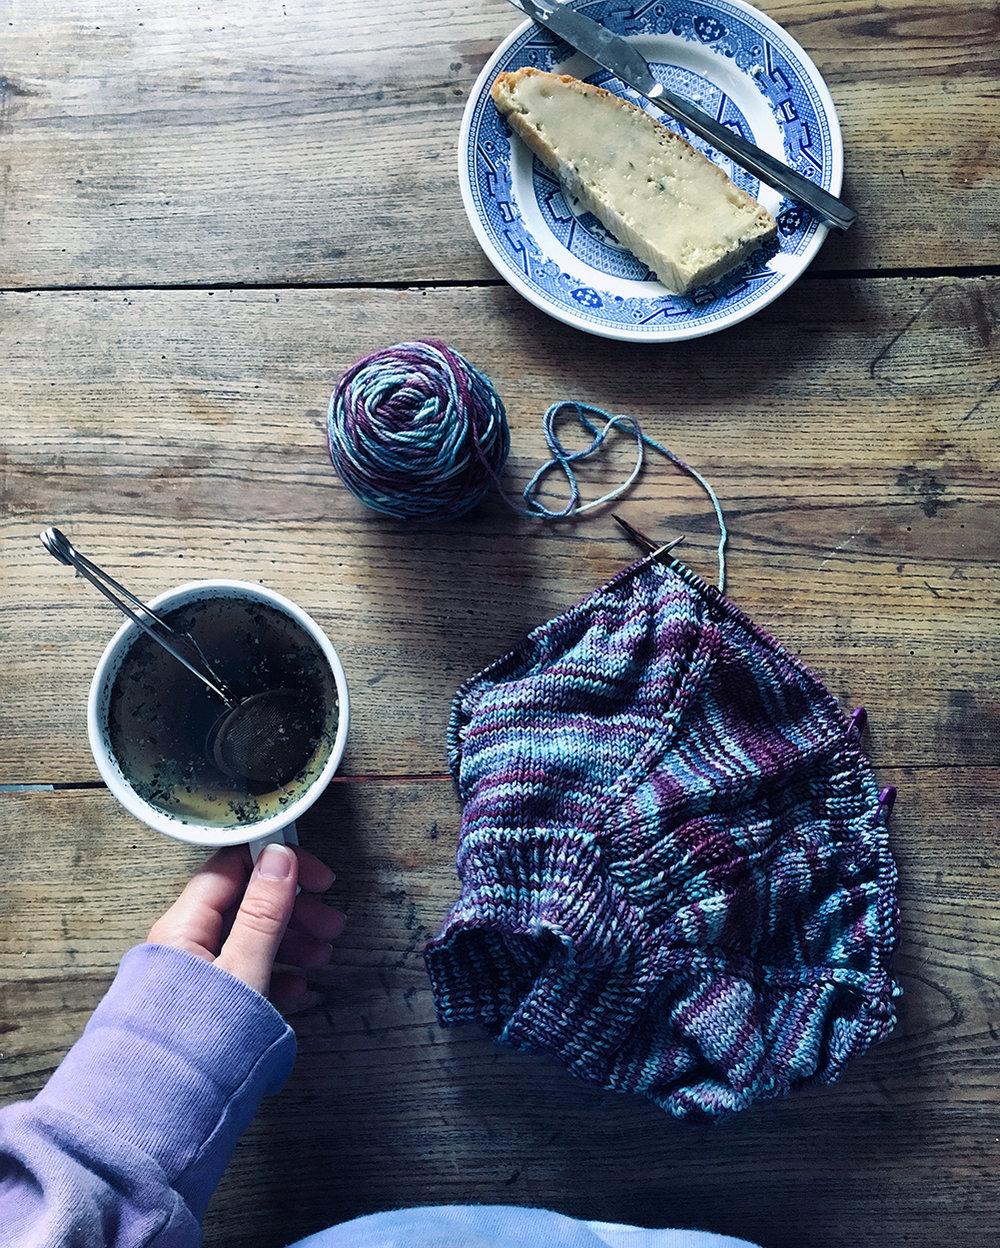 wool_done_knitting_arroyo_malabrigo.jpg